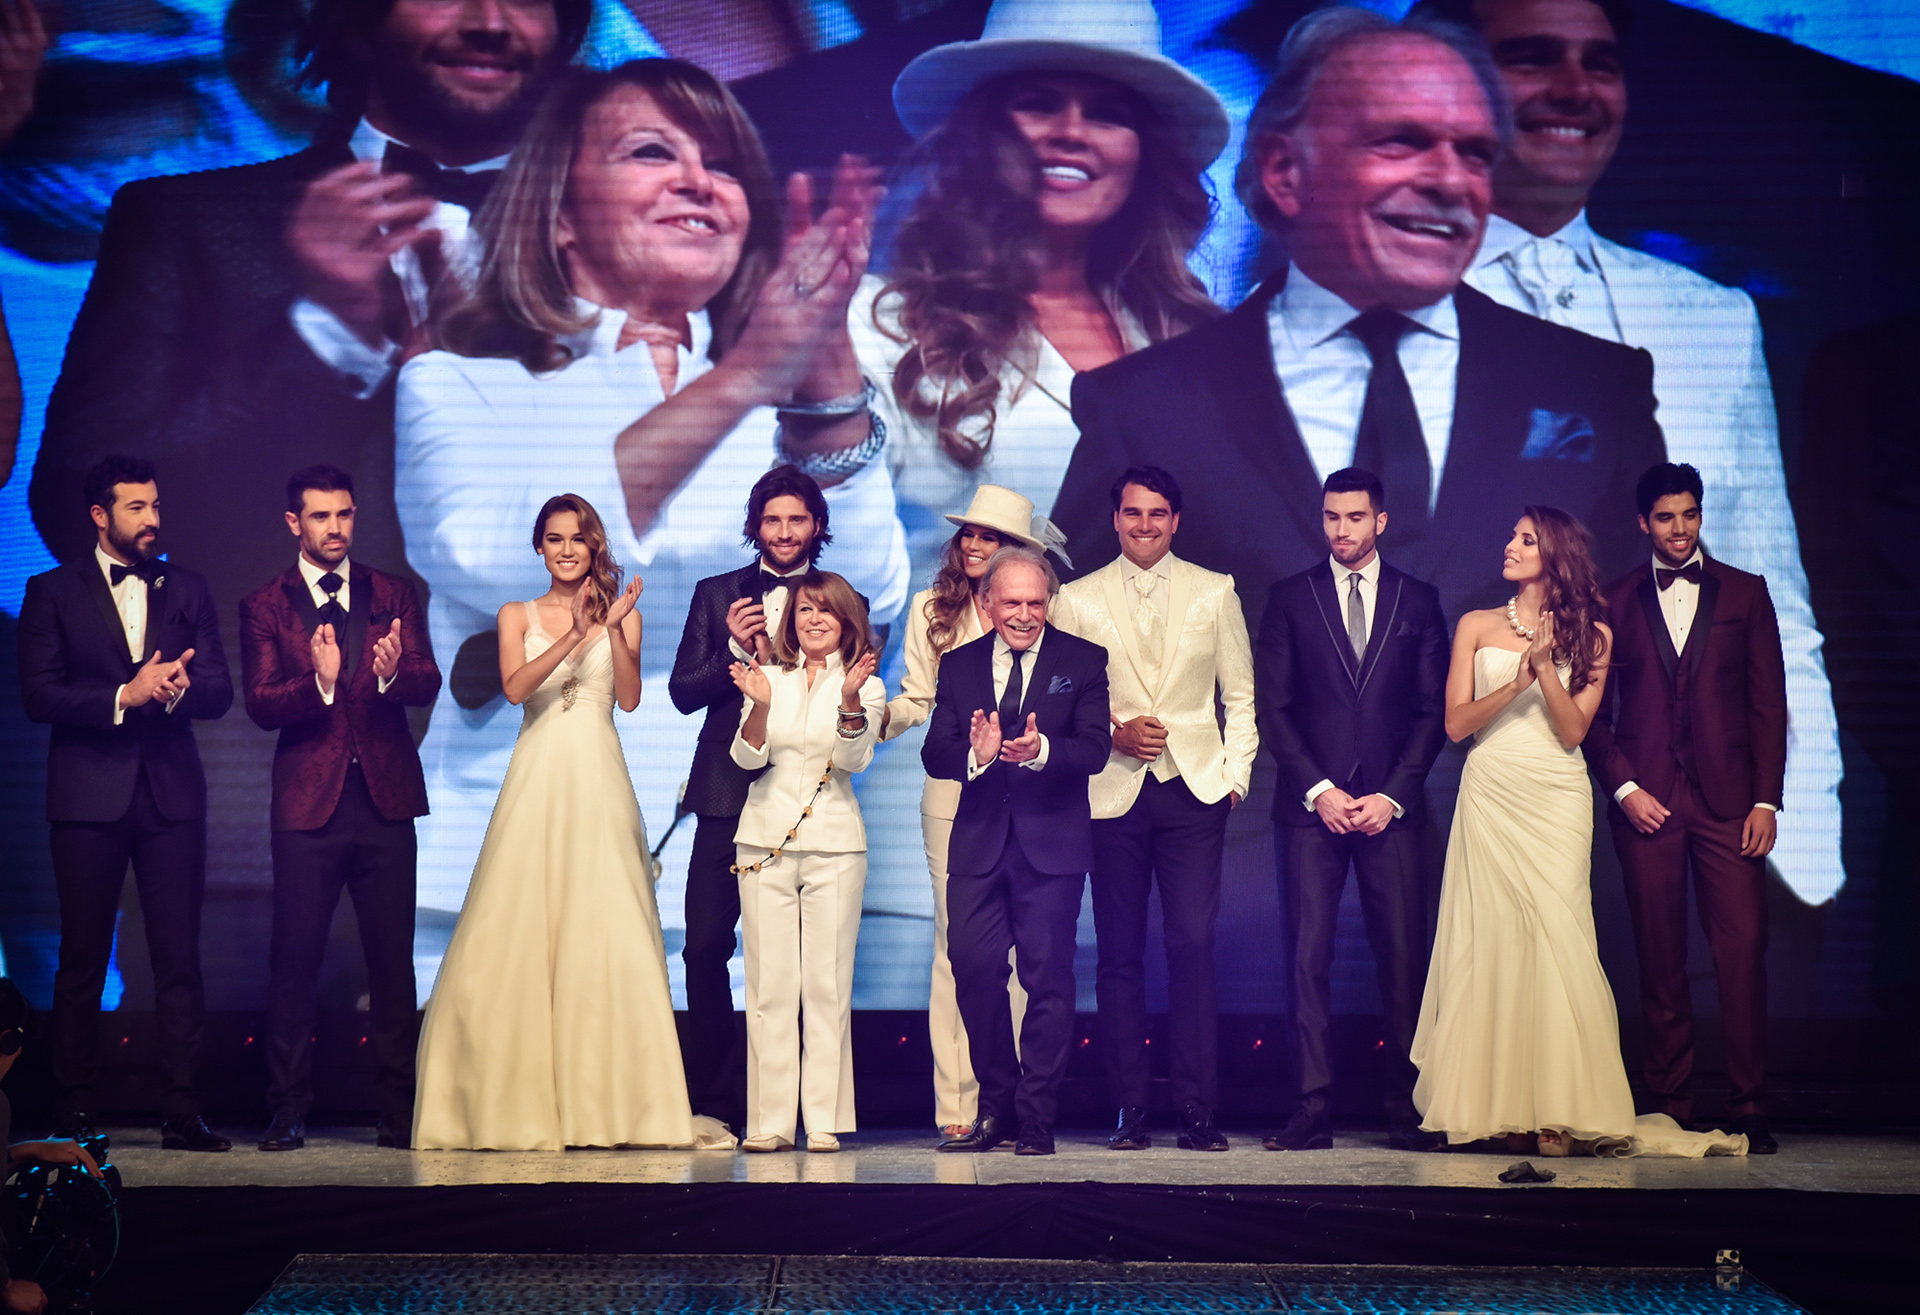 Tito y Cloti Samelnik en el cierre de la pasada de su marca de etiqueta, Matices, imponiendo lo que serán las nuevas tendencias en vestidos y trajes de novios